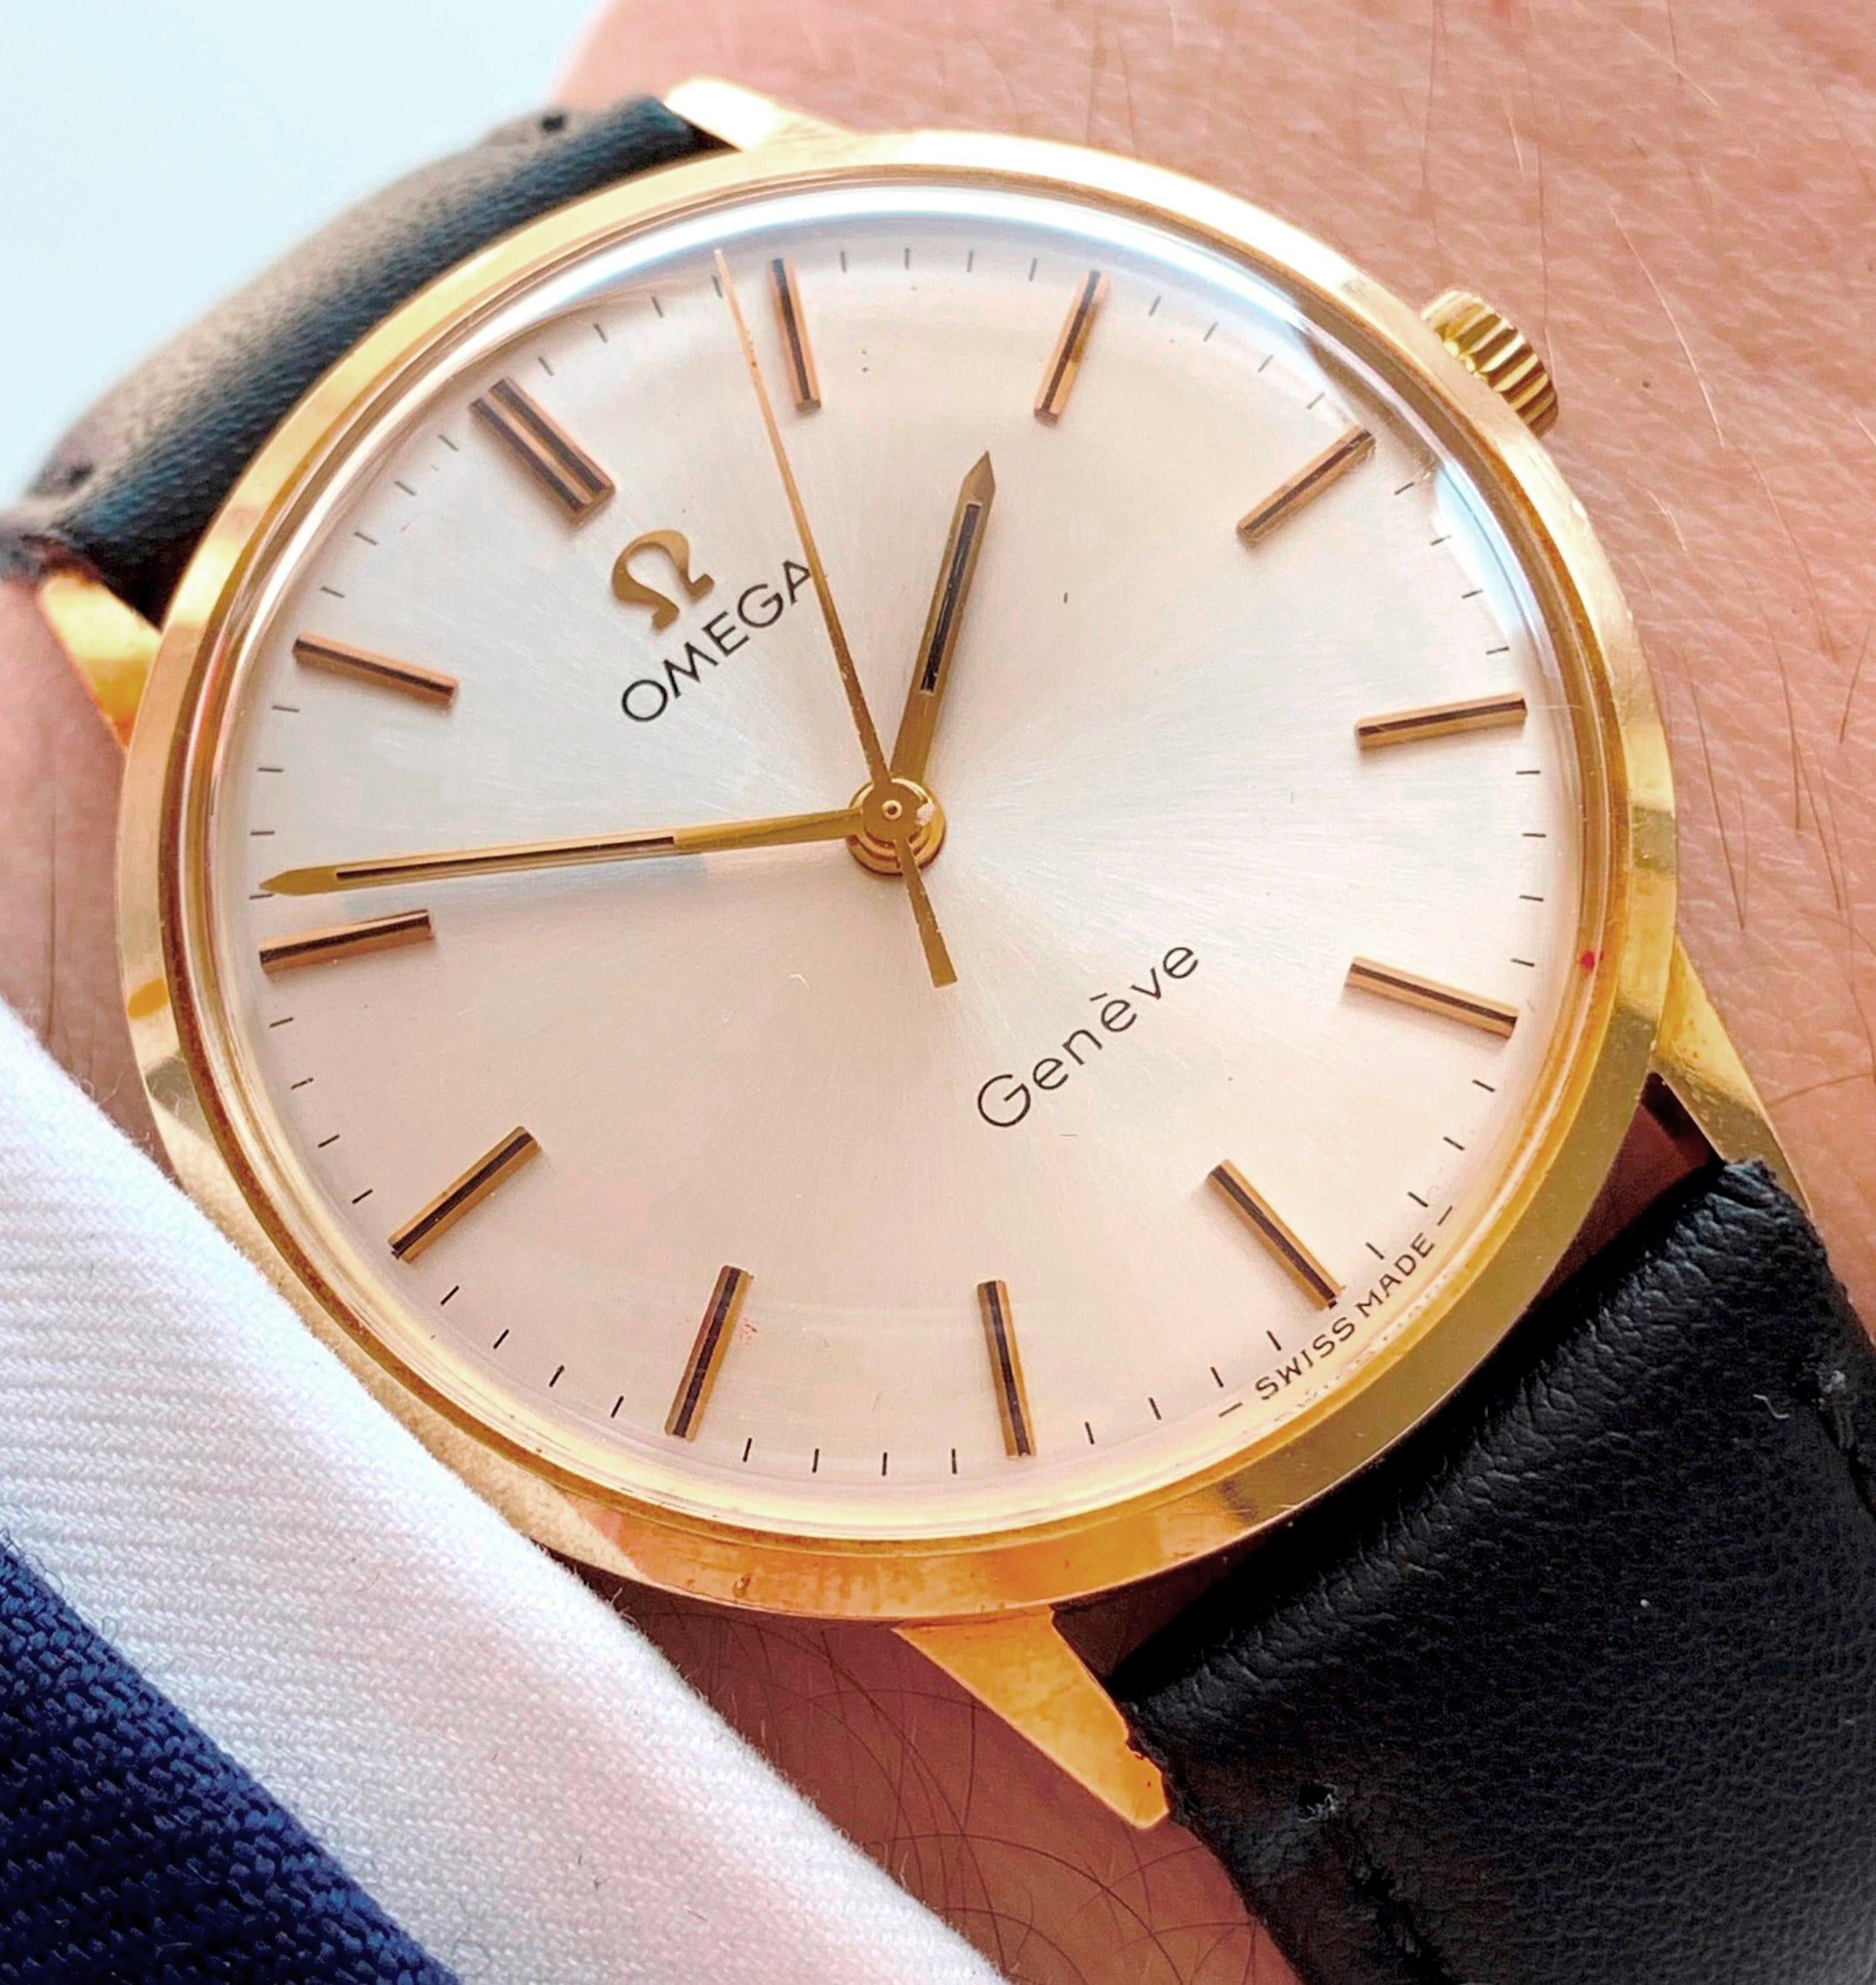 Serviced 14k solid gold Vintage Omega Genève